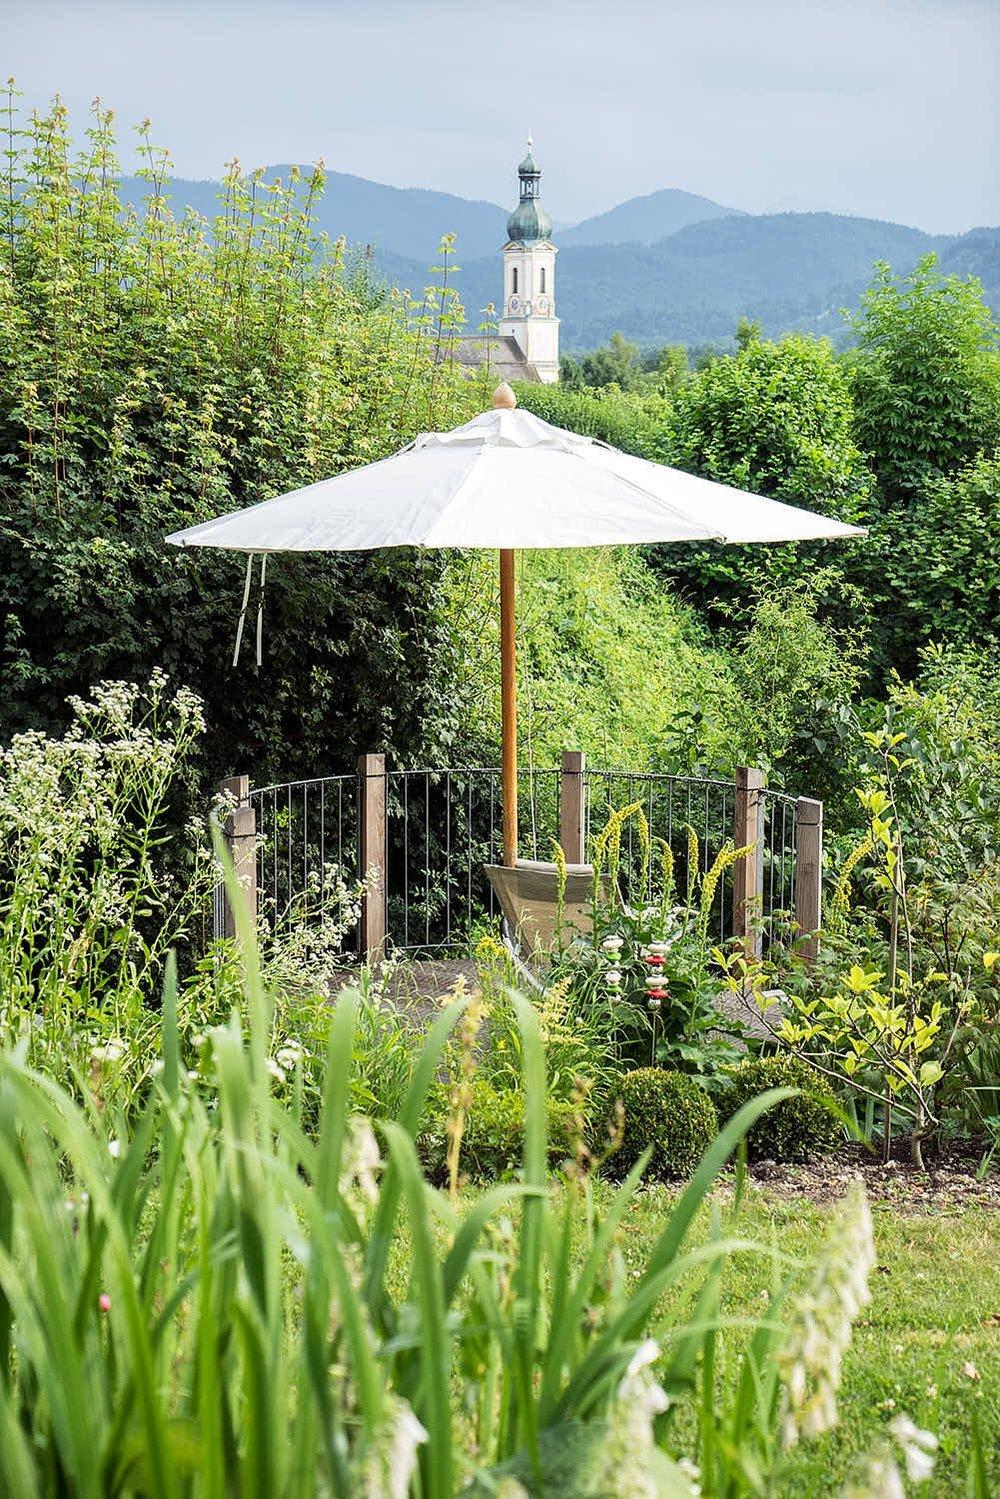 Epp-Gartenbau-Pflanzen-Pflege-88.jpg